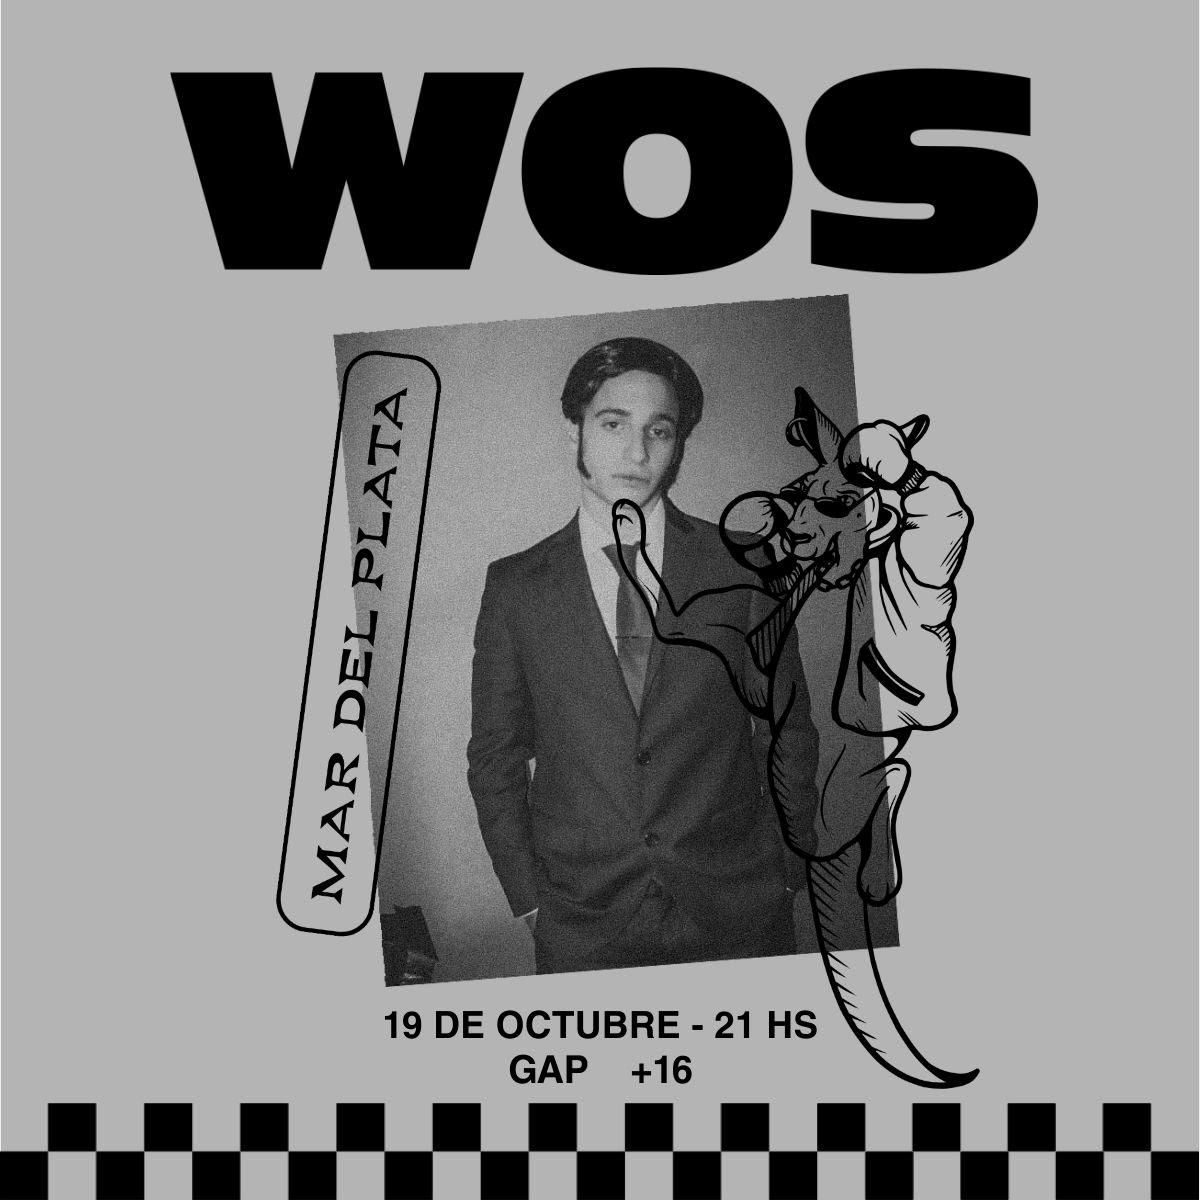 WOS llega a Mar del Plata el próximo 19 de octubre